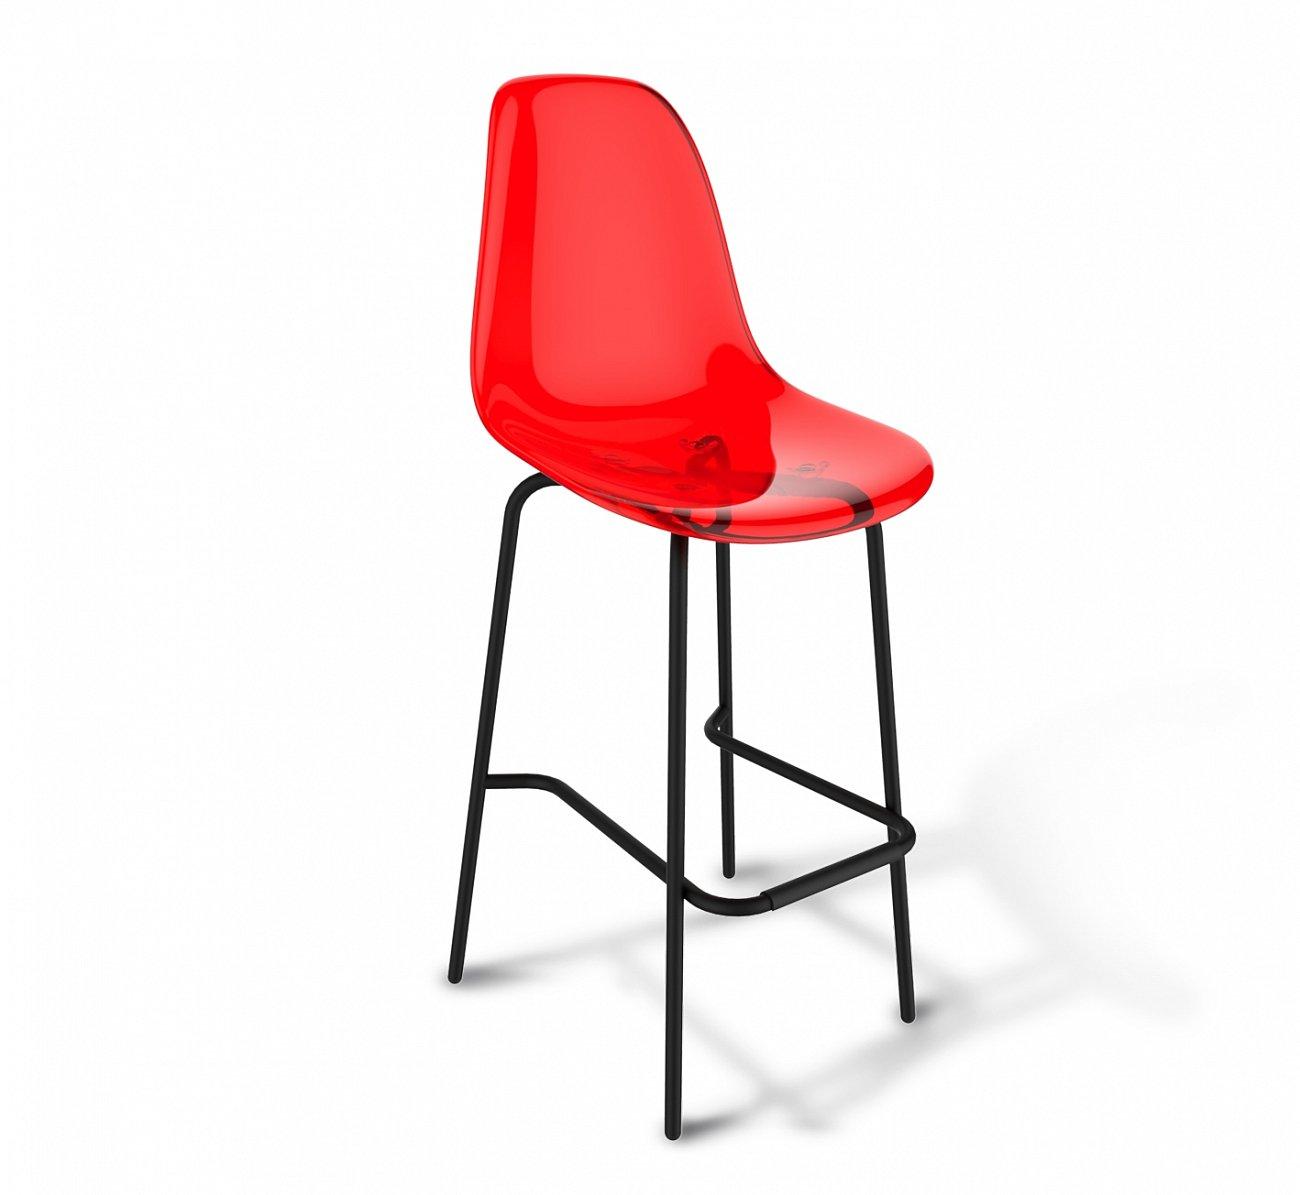 Купить Стул барный DSR красный S29 в интернет магазине дизайнерской мебели и аксессуаров для дома и дачи